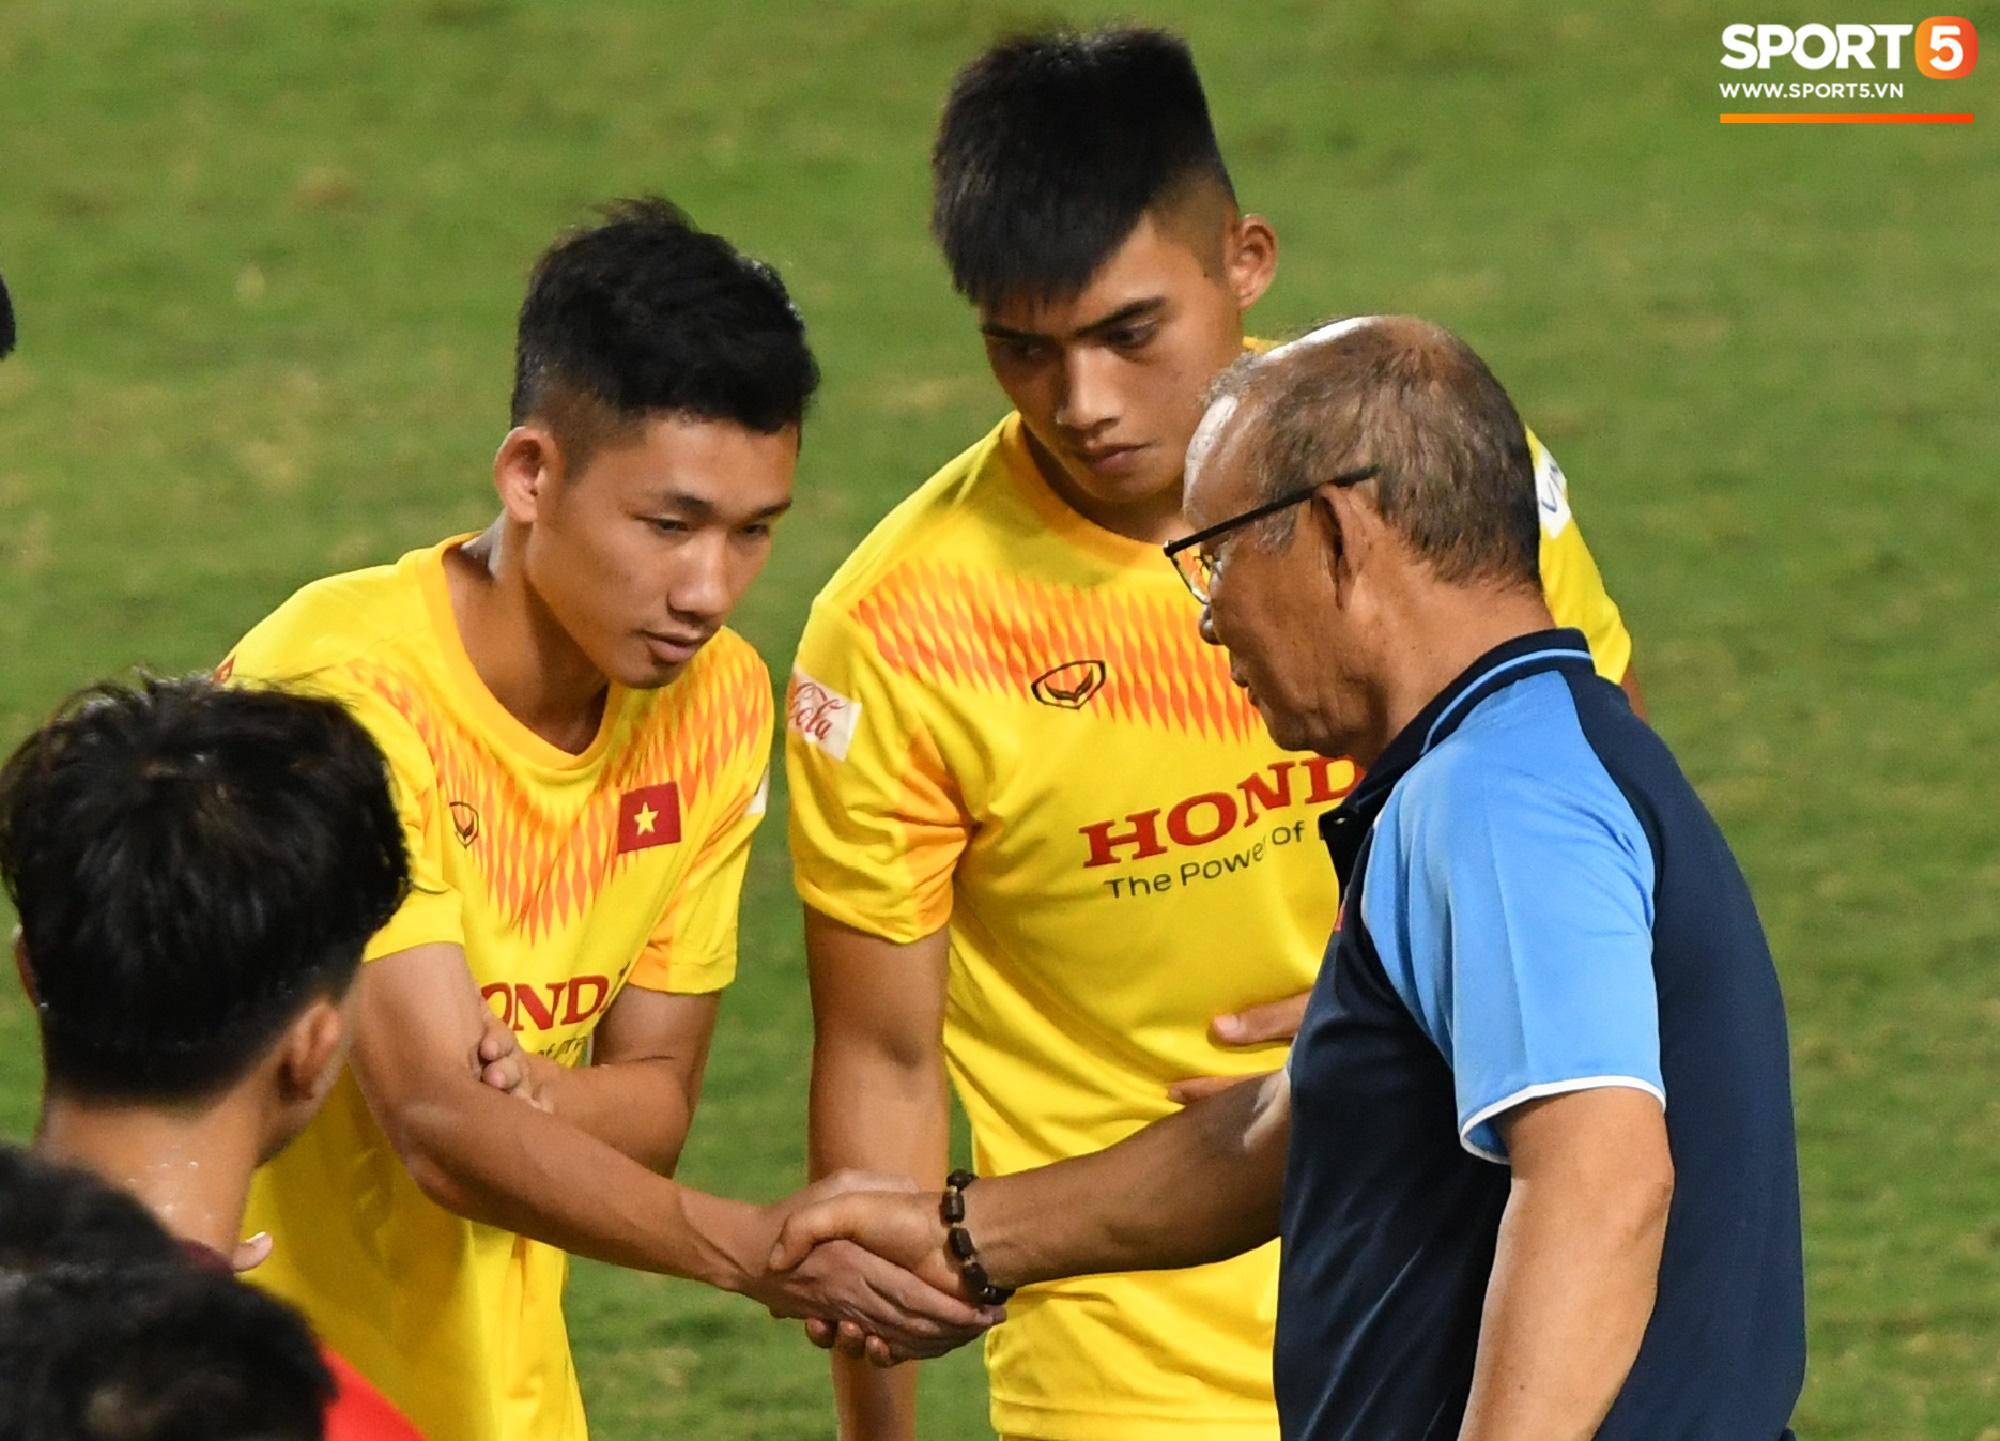 HLV Park Hang-seo dạy cho cầu thủ U22 Việt Nam bài học về cách lắng nghe, dặn dò đầy tâm huyết trước khi chia tay: Các bạn phải nỗ lực gấp đôi người khác  - Ảnh 12.